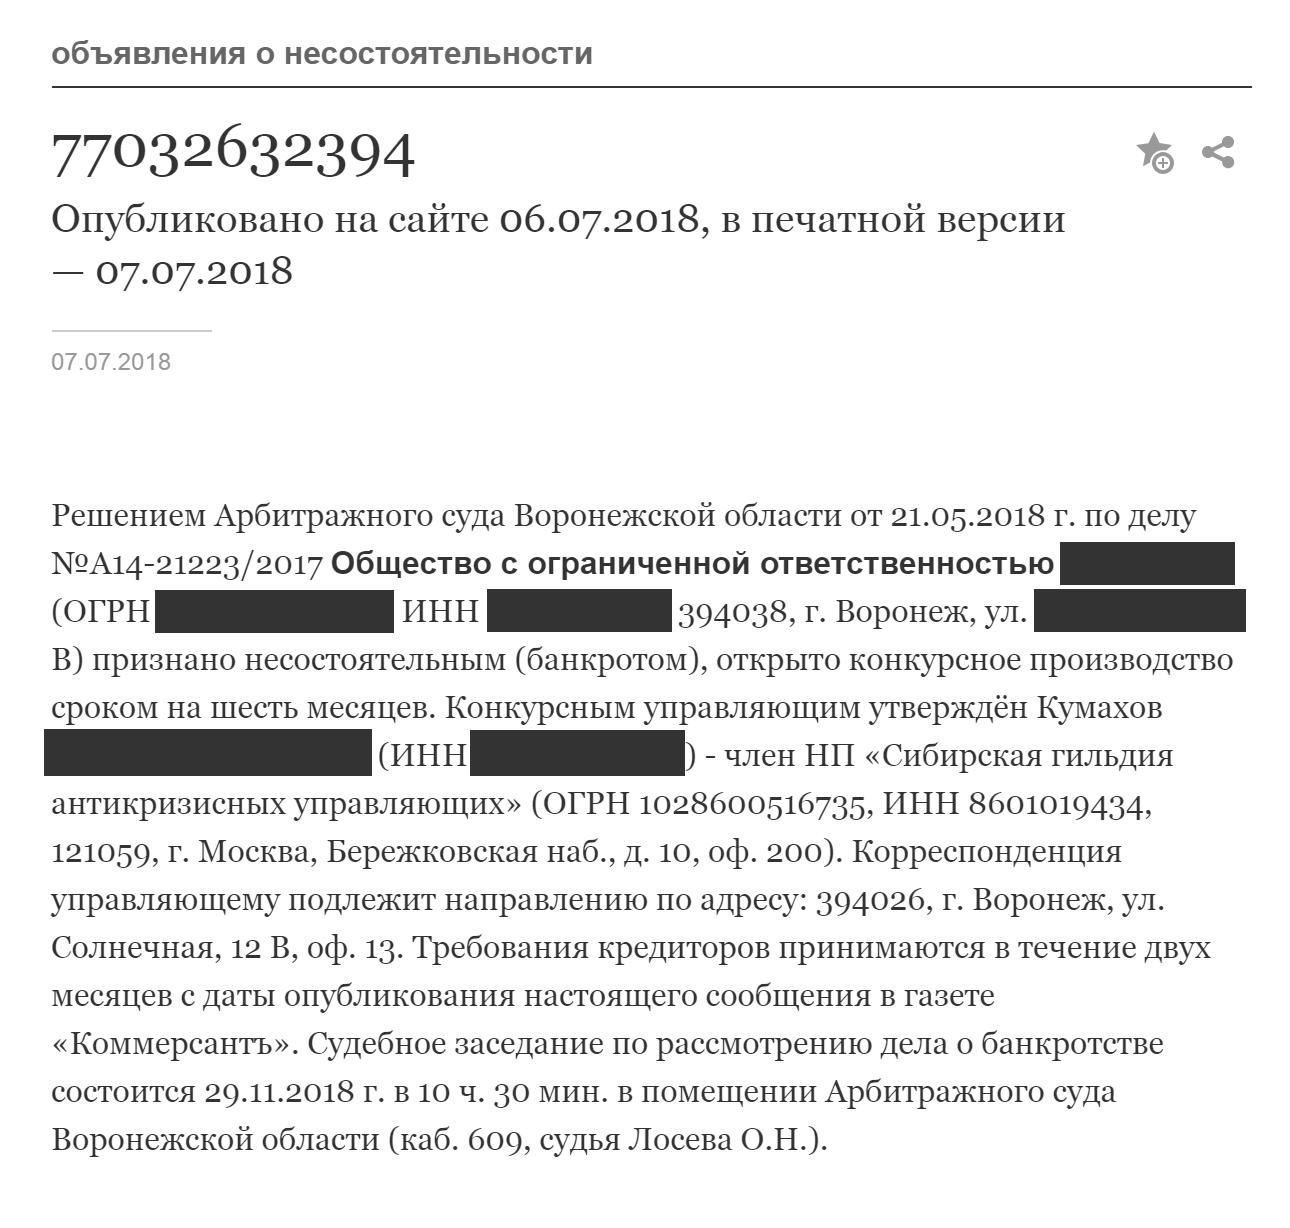 Объявление о банкротстве на сайте газеты «Коммерсантъ»